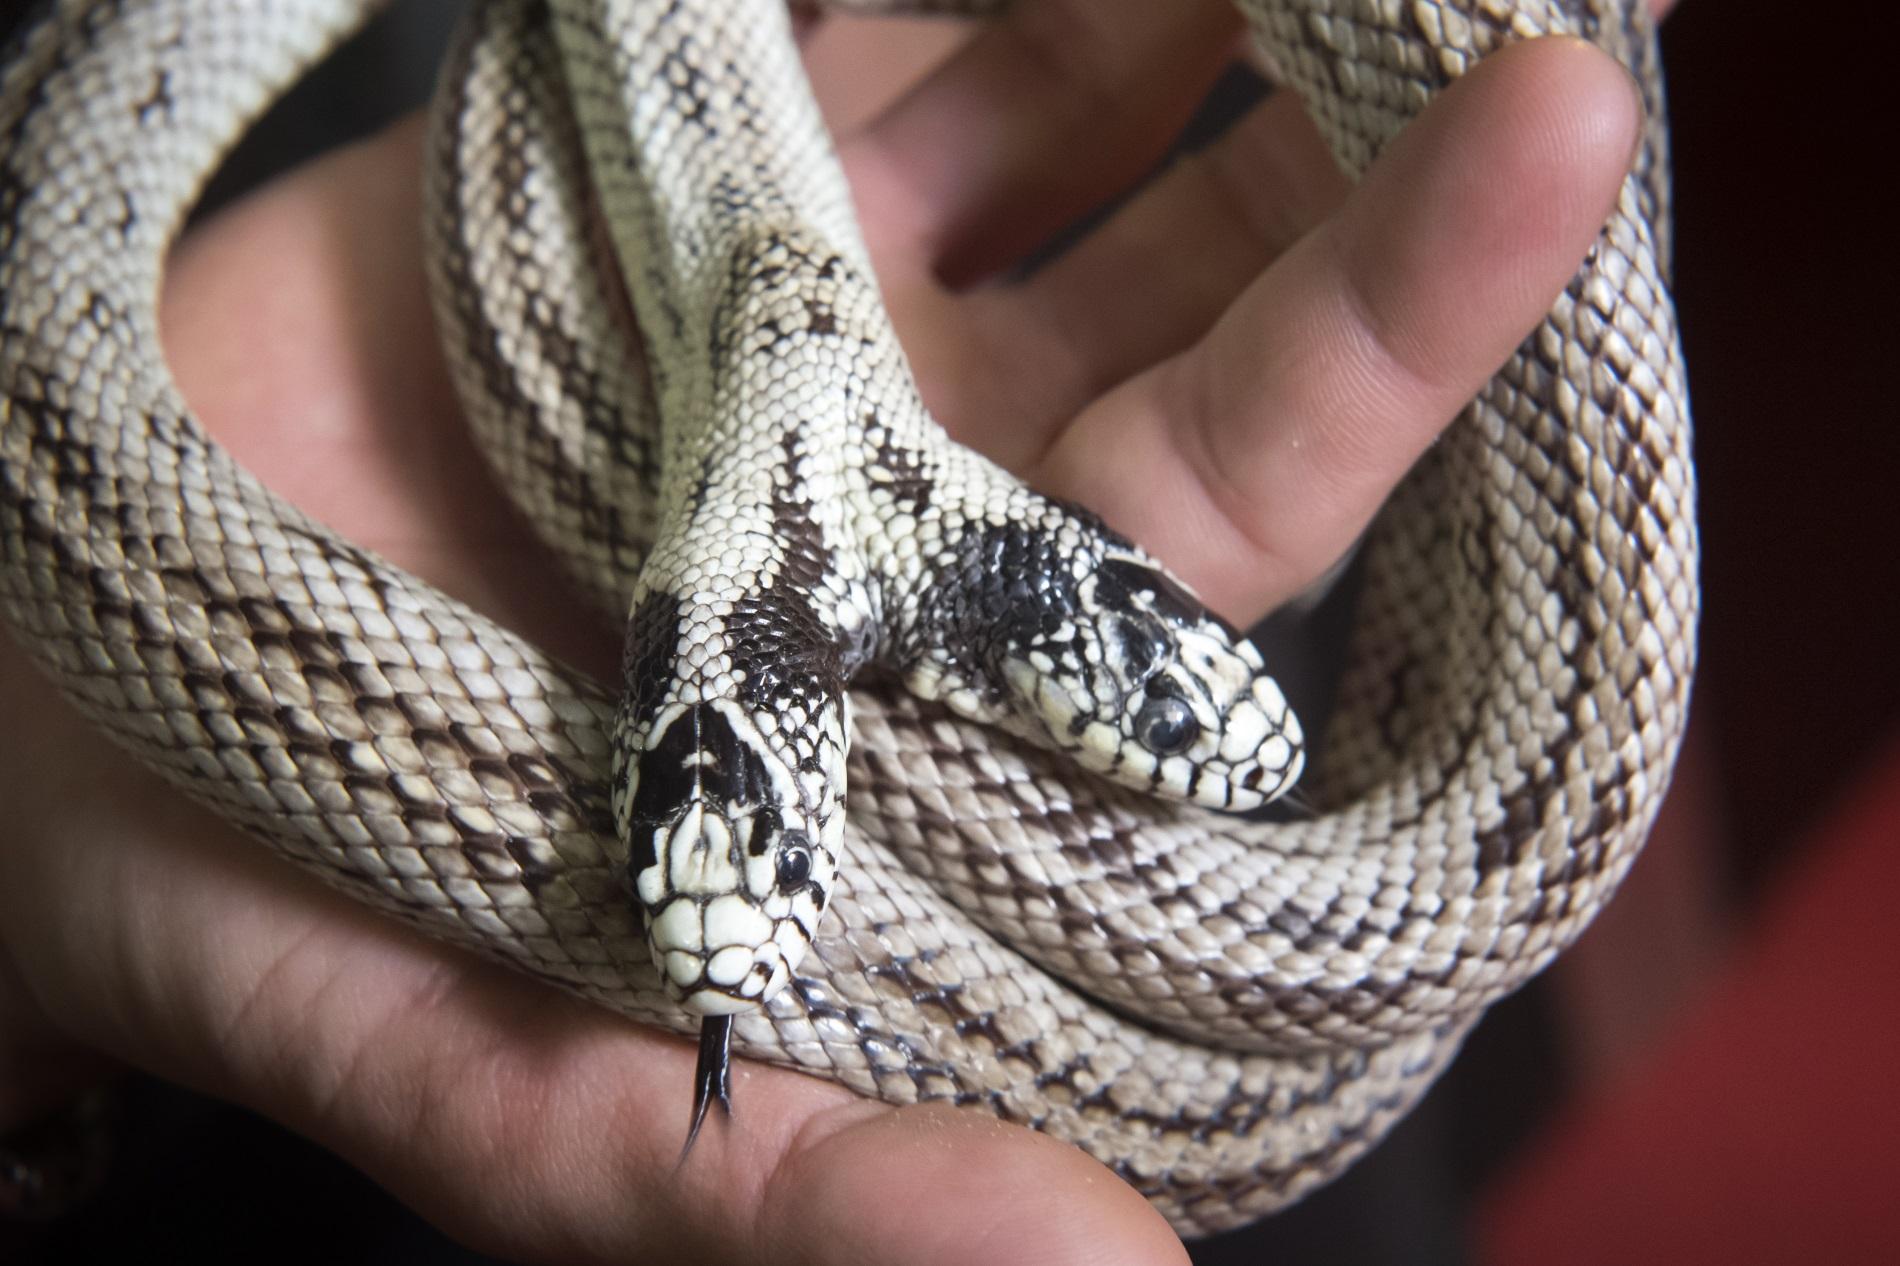 """Двуглавата калифорнийска змия (Lampropeltis getulus californiae), наречена """"Том и Джери"""", е снимана по време на изложбата 'Reptiles Expo' във Вилньов, Швейцария, 22 декември 2018 г."""